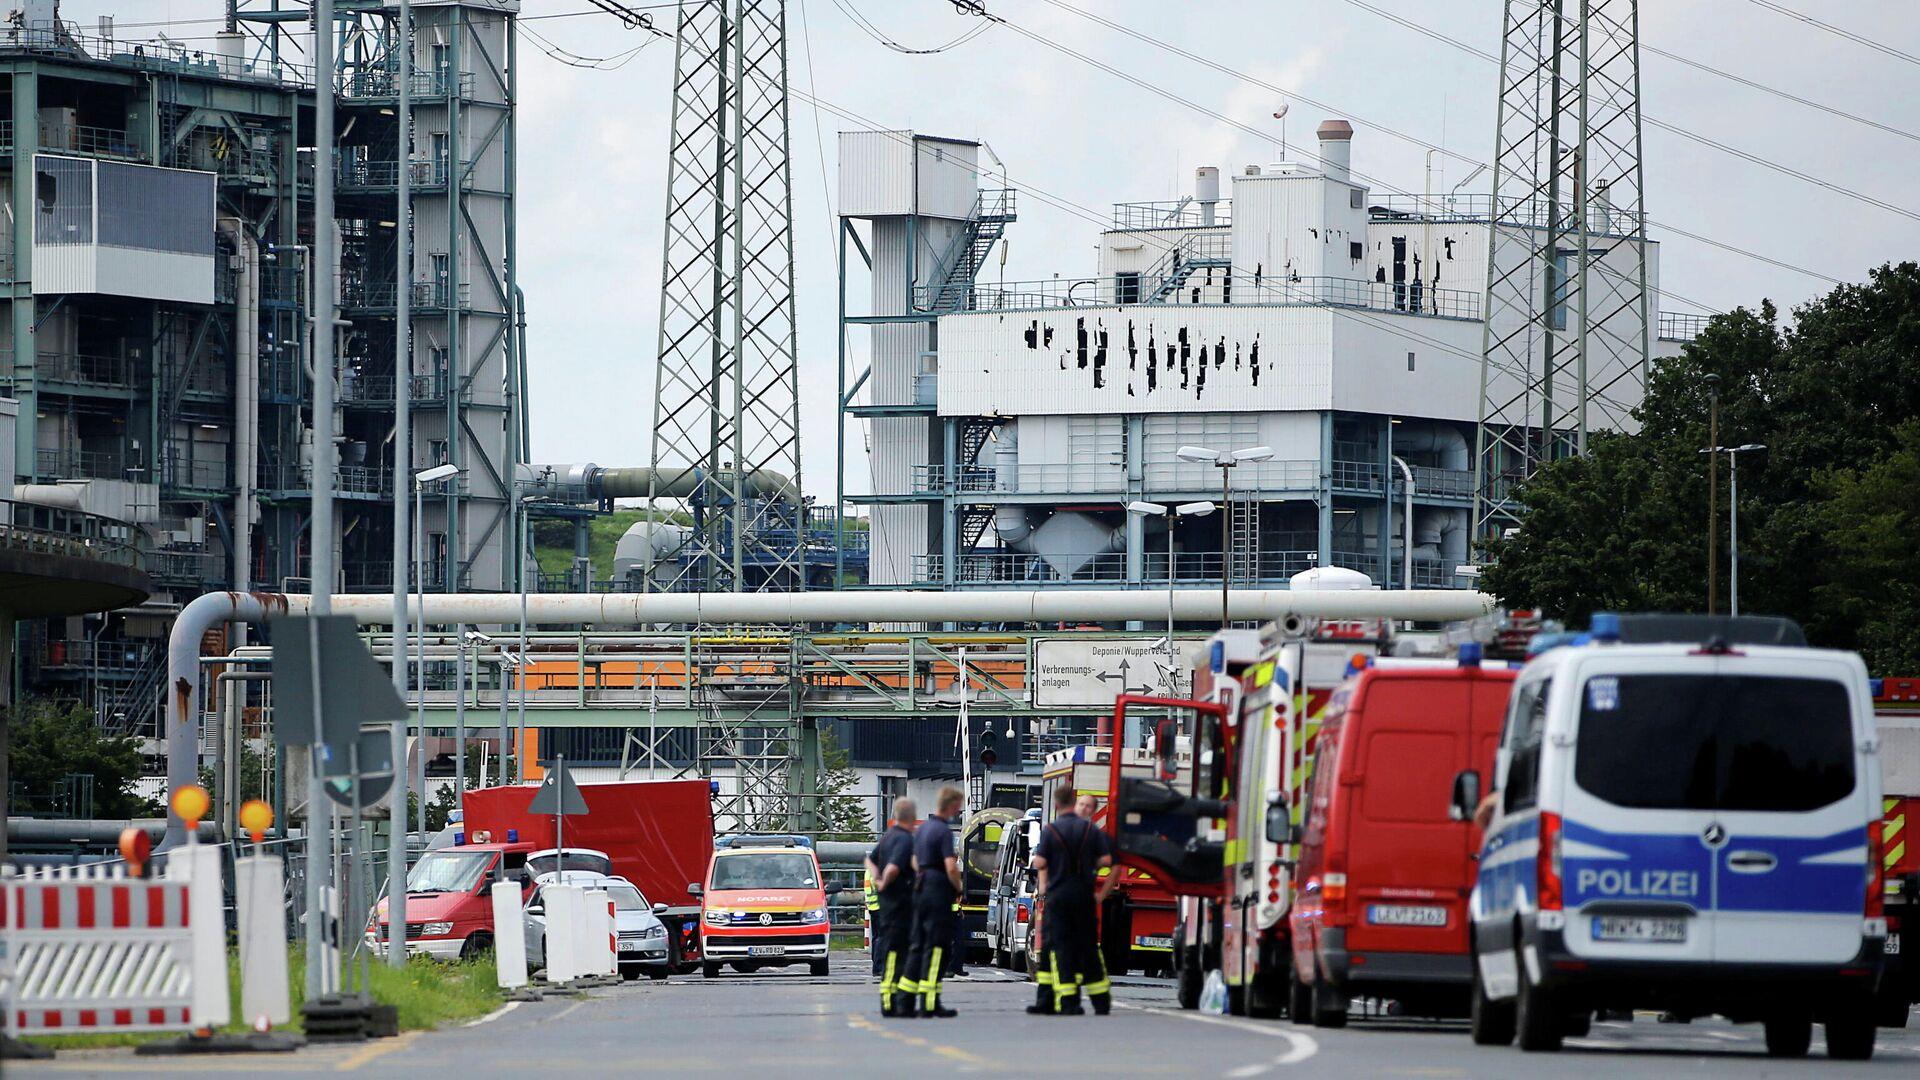 Consecuencias de la explosión en una planta química en la ciudad alemana de Leverkusen - Sputnik Mundo, 1920, 29.07.2021